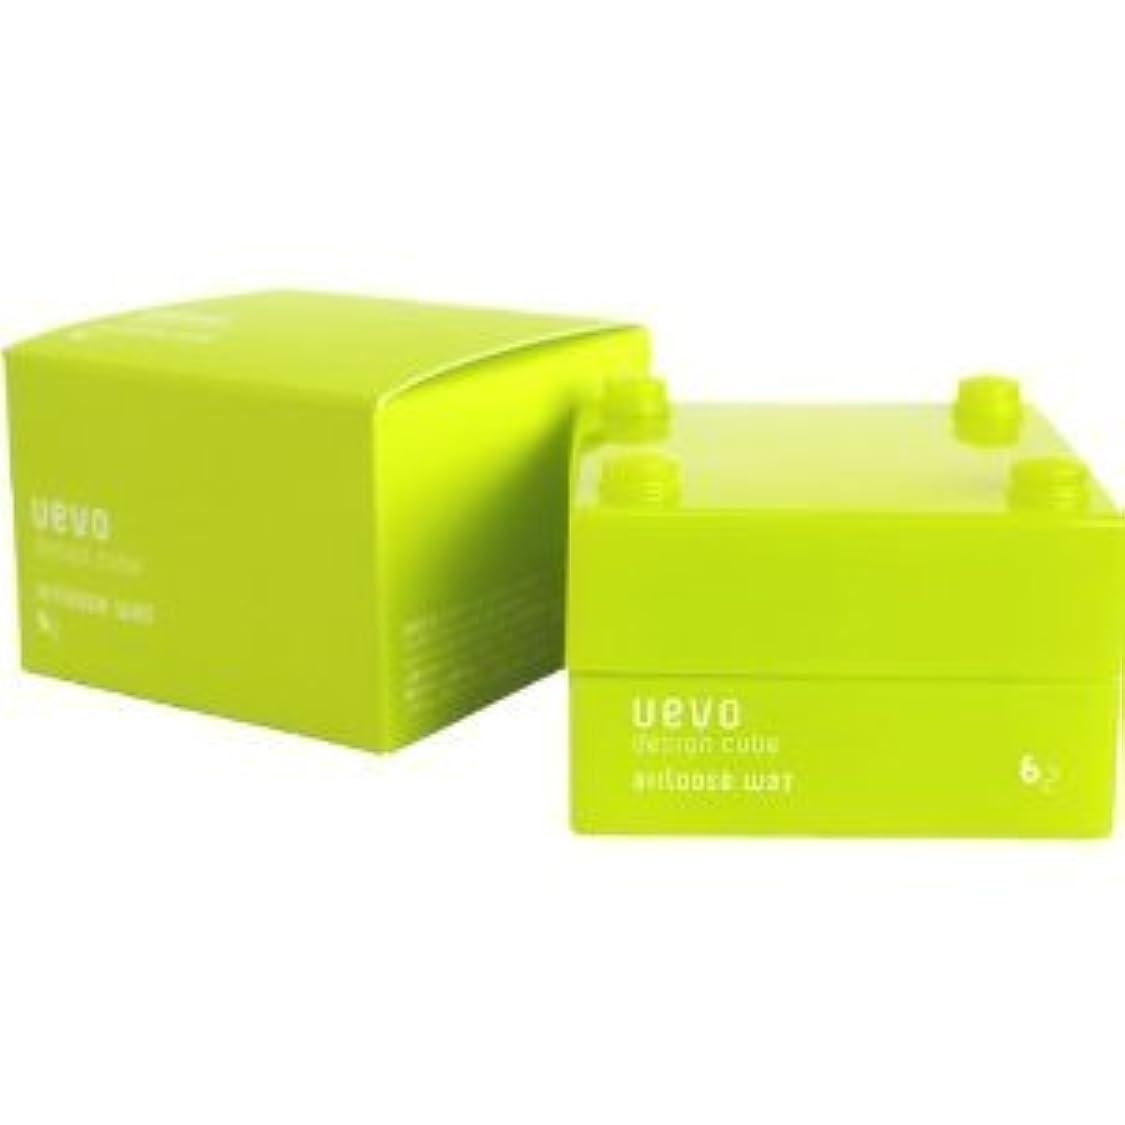 【X3個セット】 デミ ウェーボ デザインキューブ エアルーズワックス 30g airloose wax DEMI uevo design cube